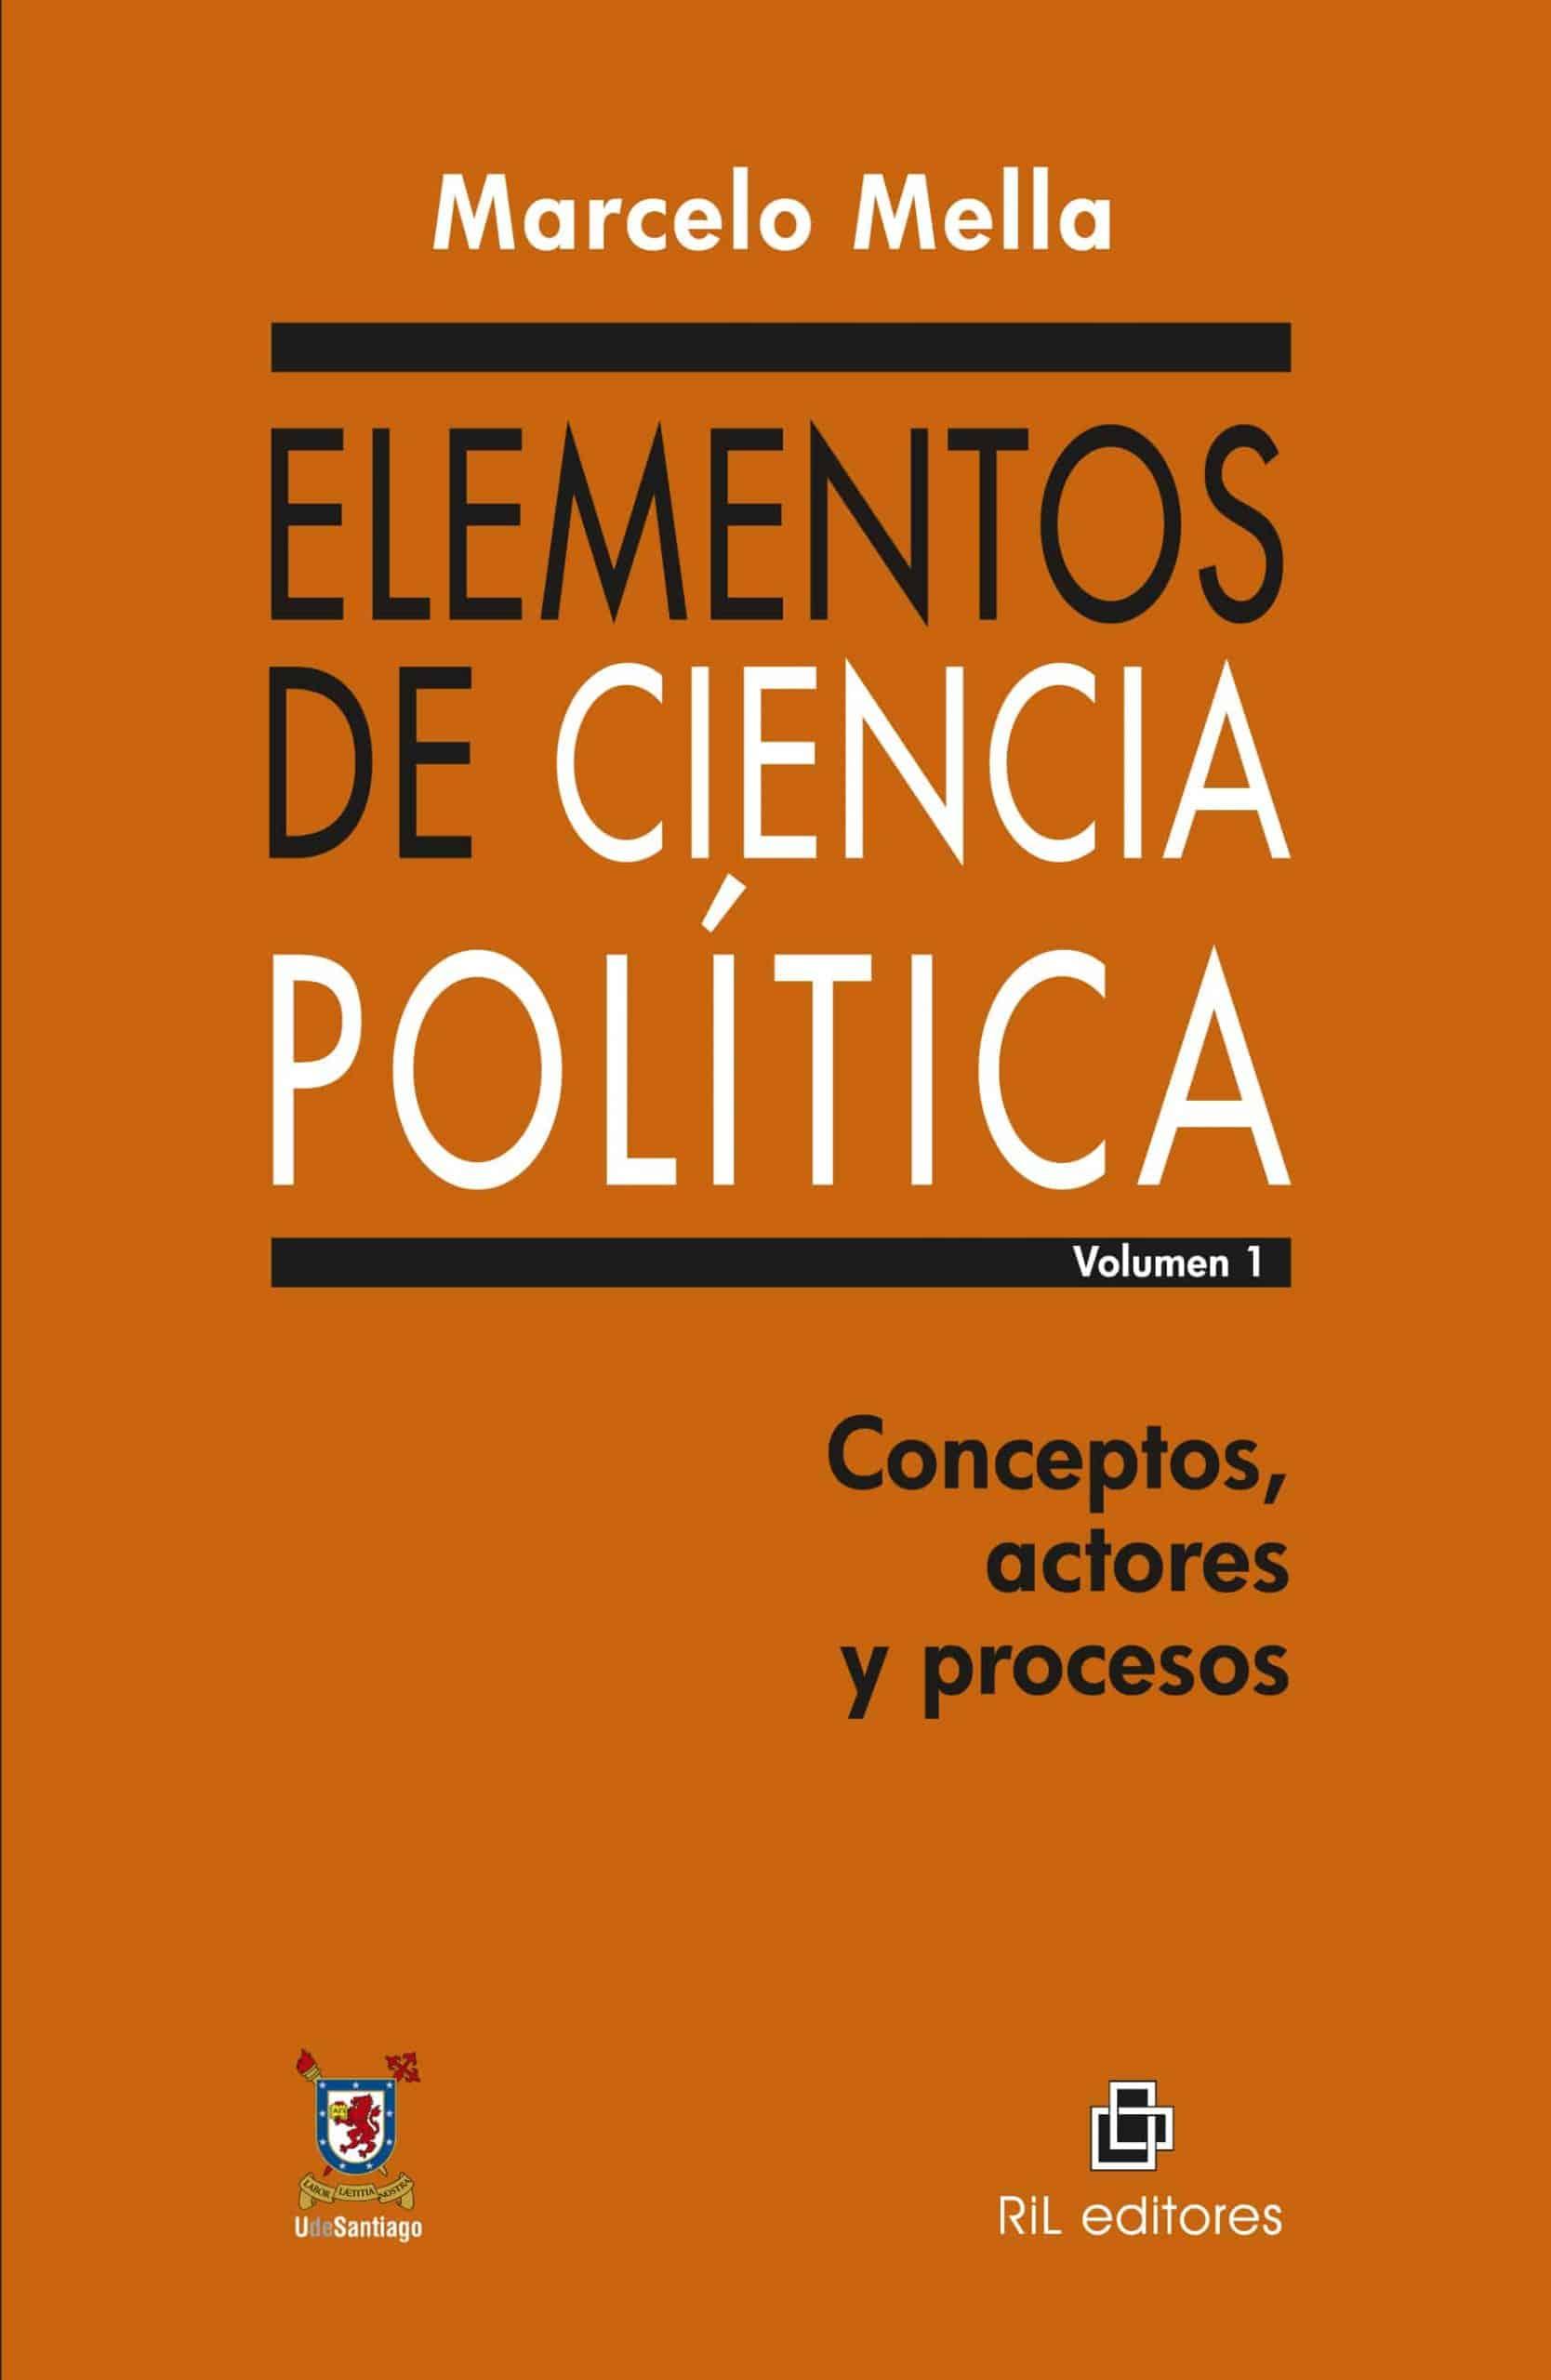 Elementos de ciencia política. Vol. 1: conceptos, actores y procesos 1